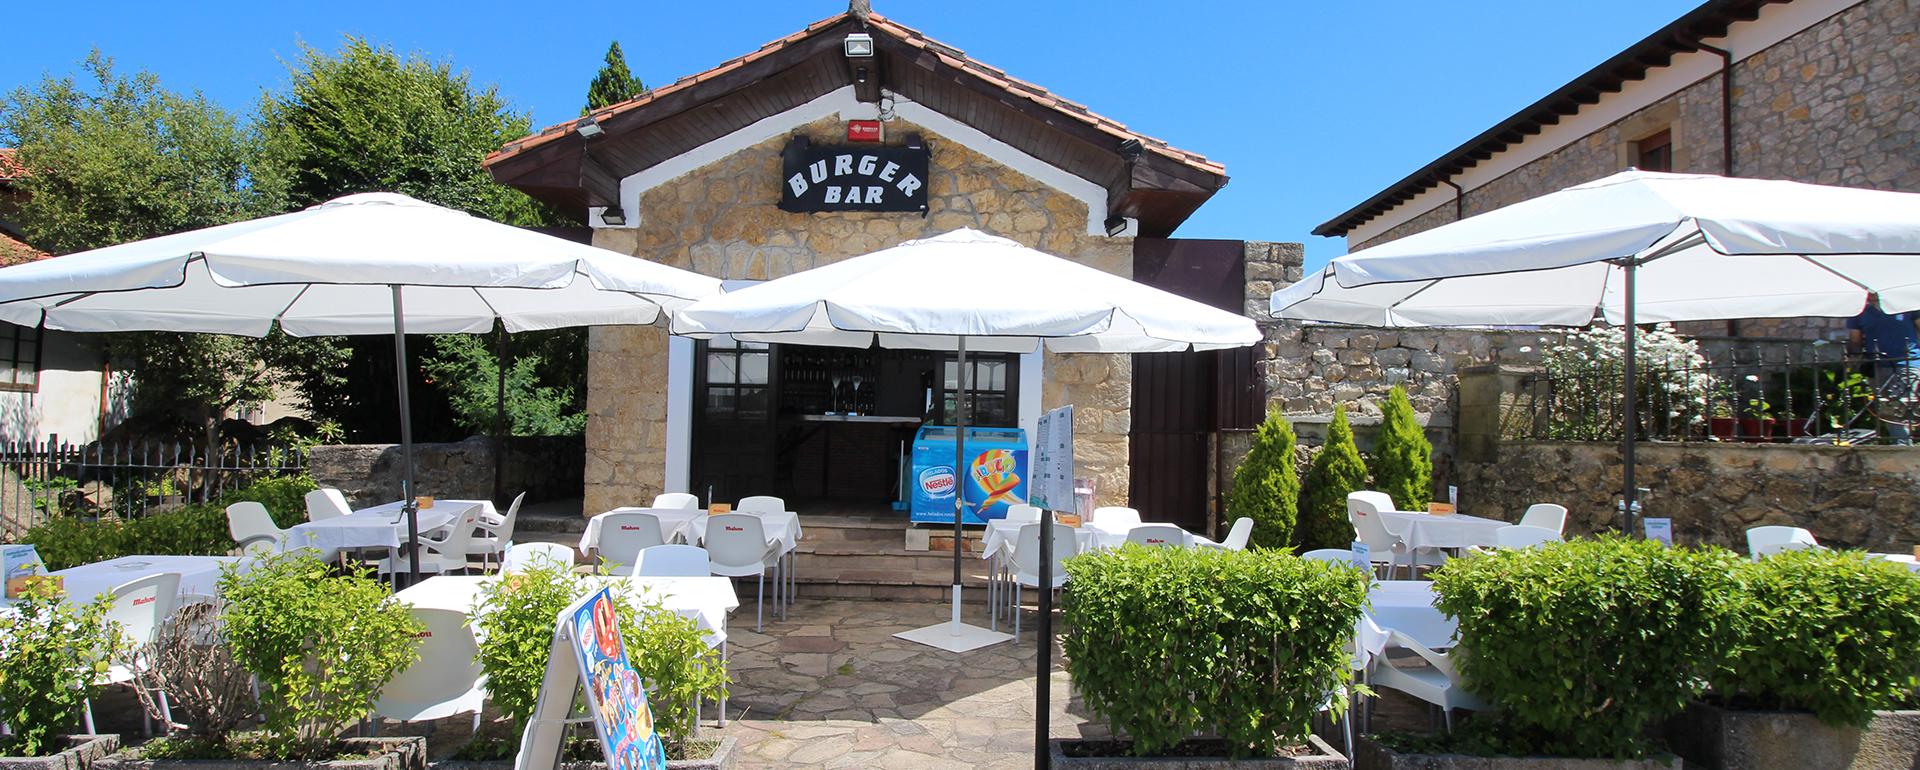 Burger Santillana